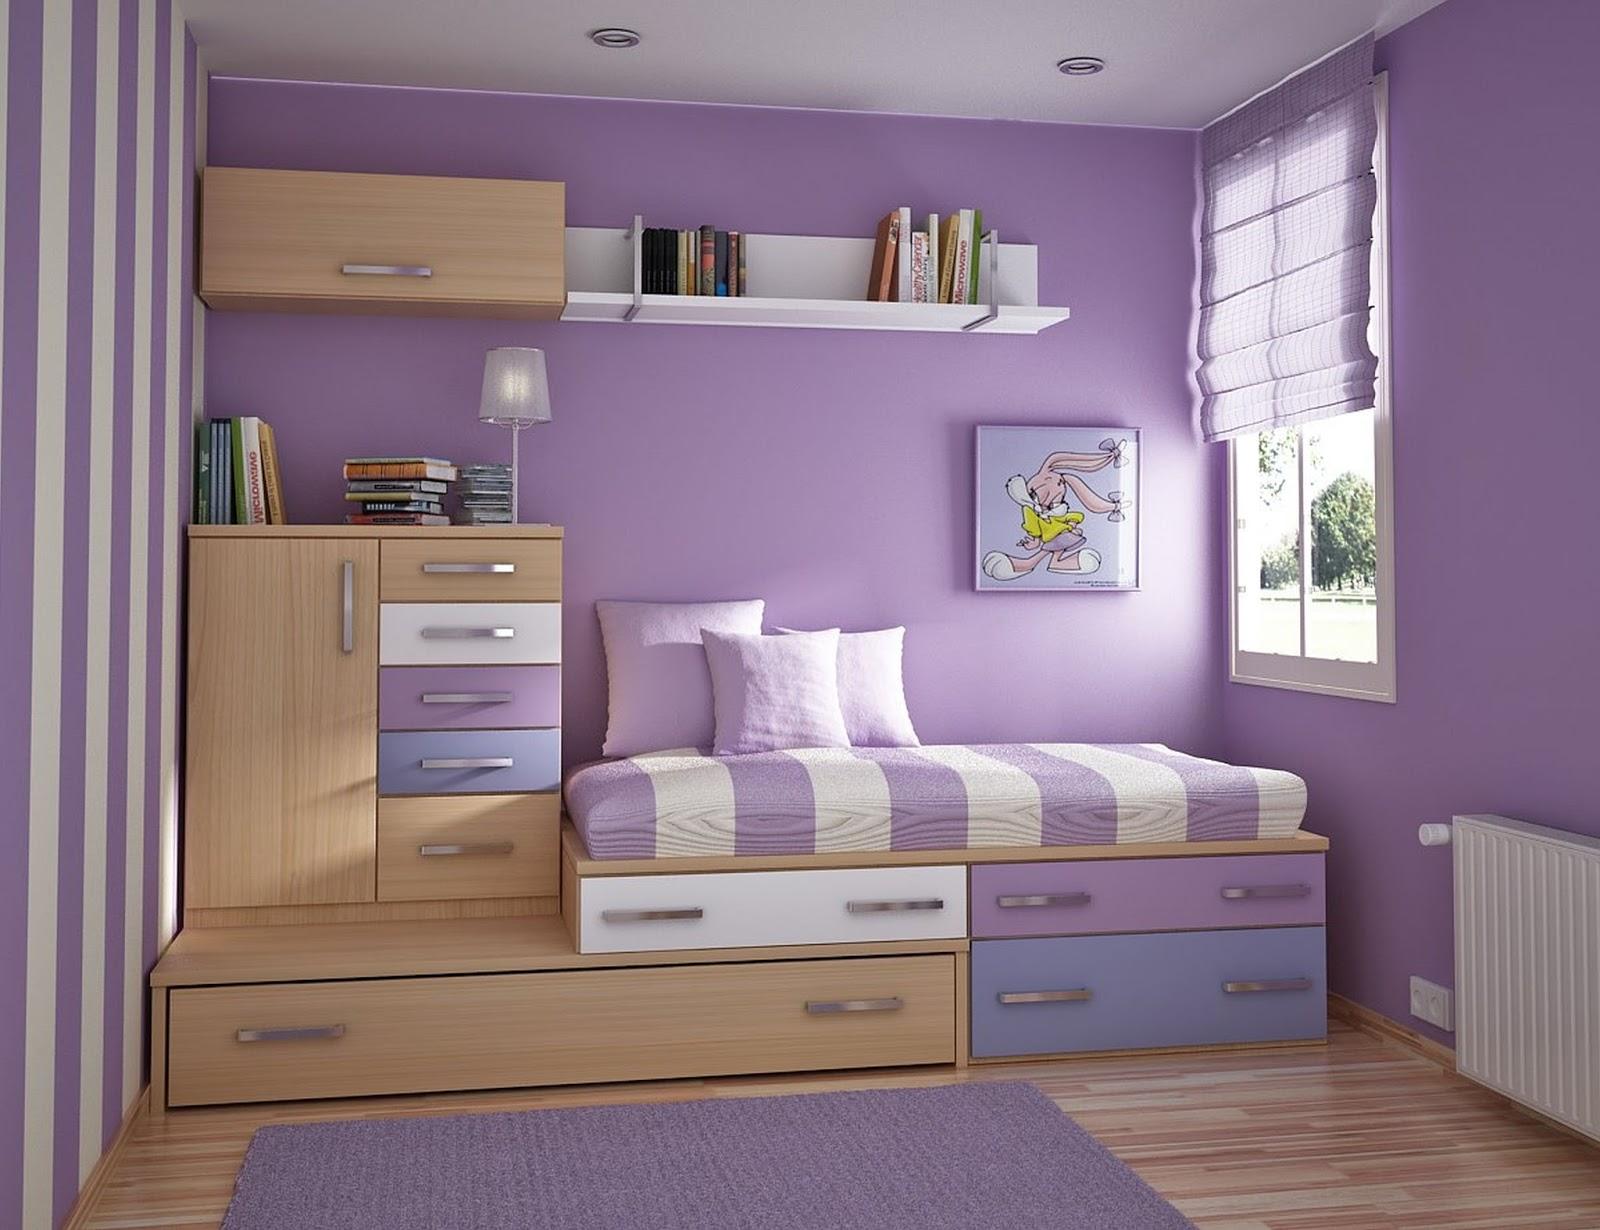 Colori pareti camere da letto 2015 : colori pareti camere da letto ...